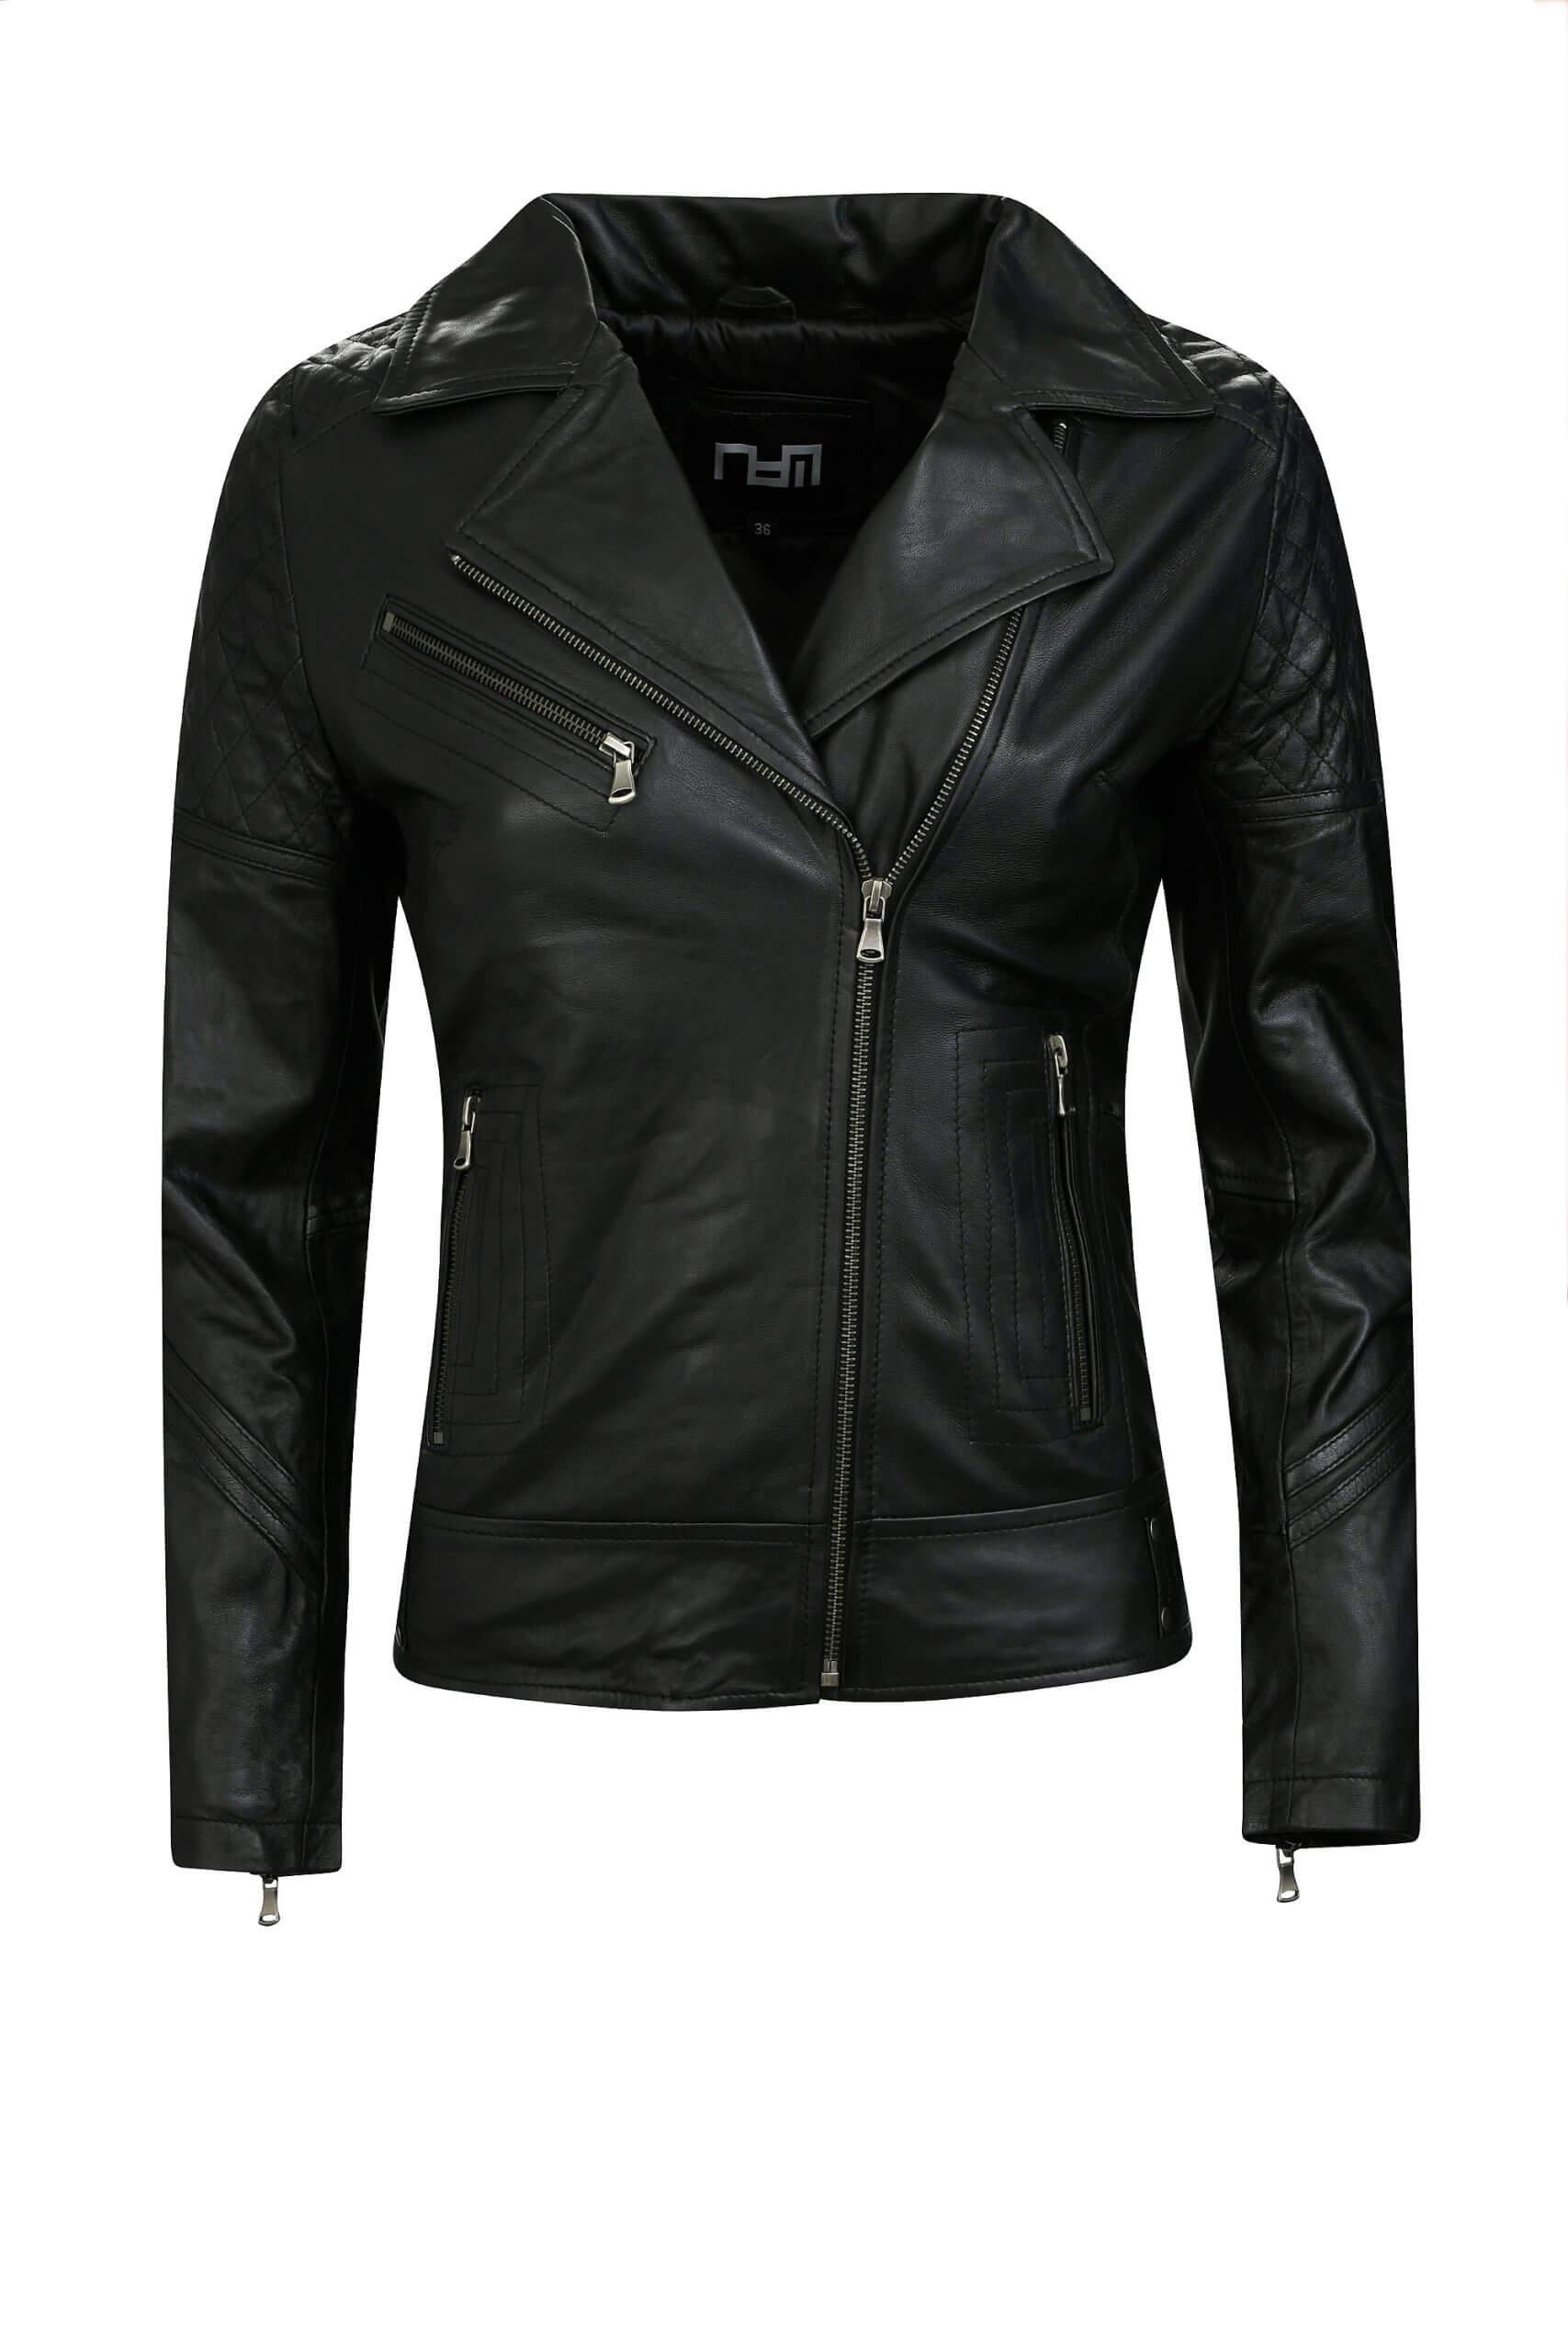 RBM-dames jasje zwart 497